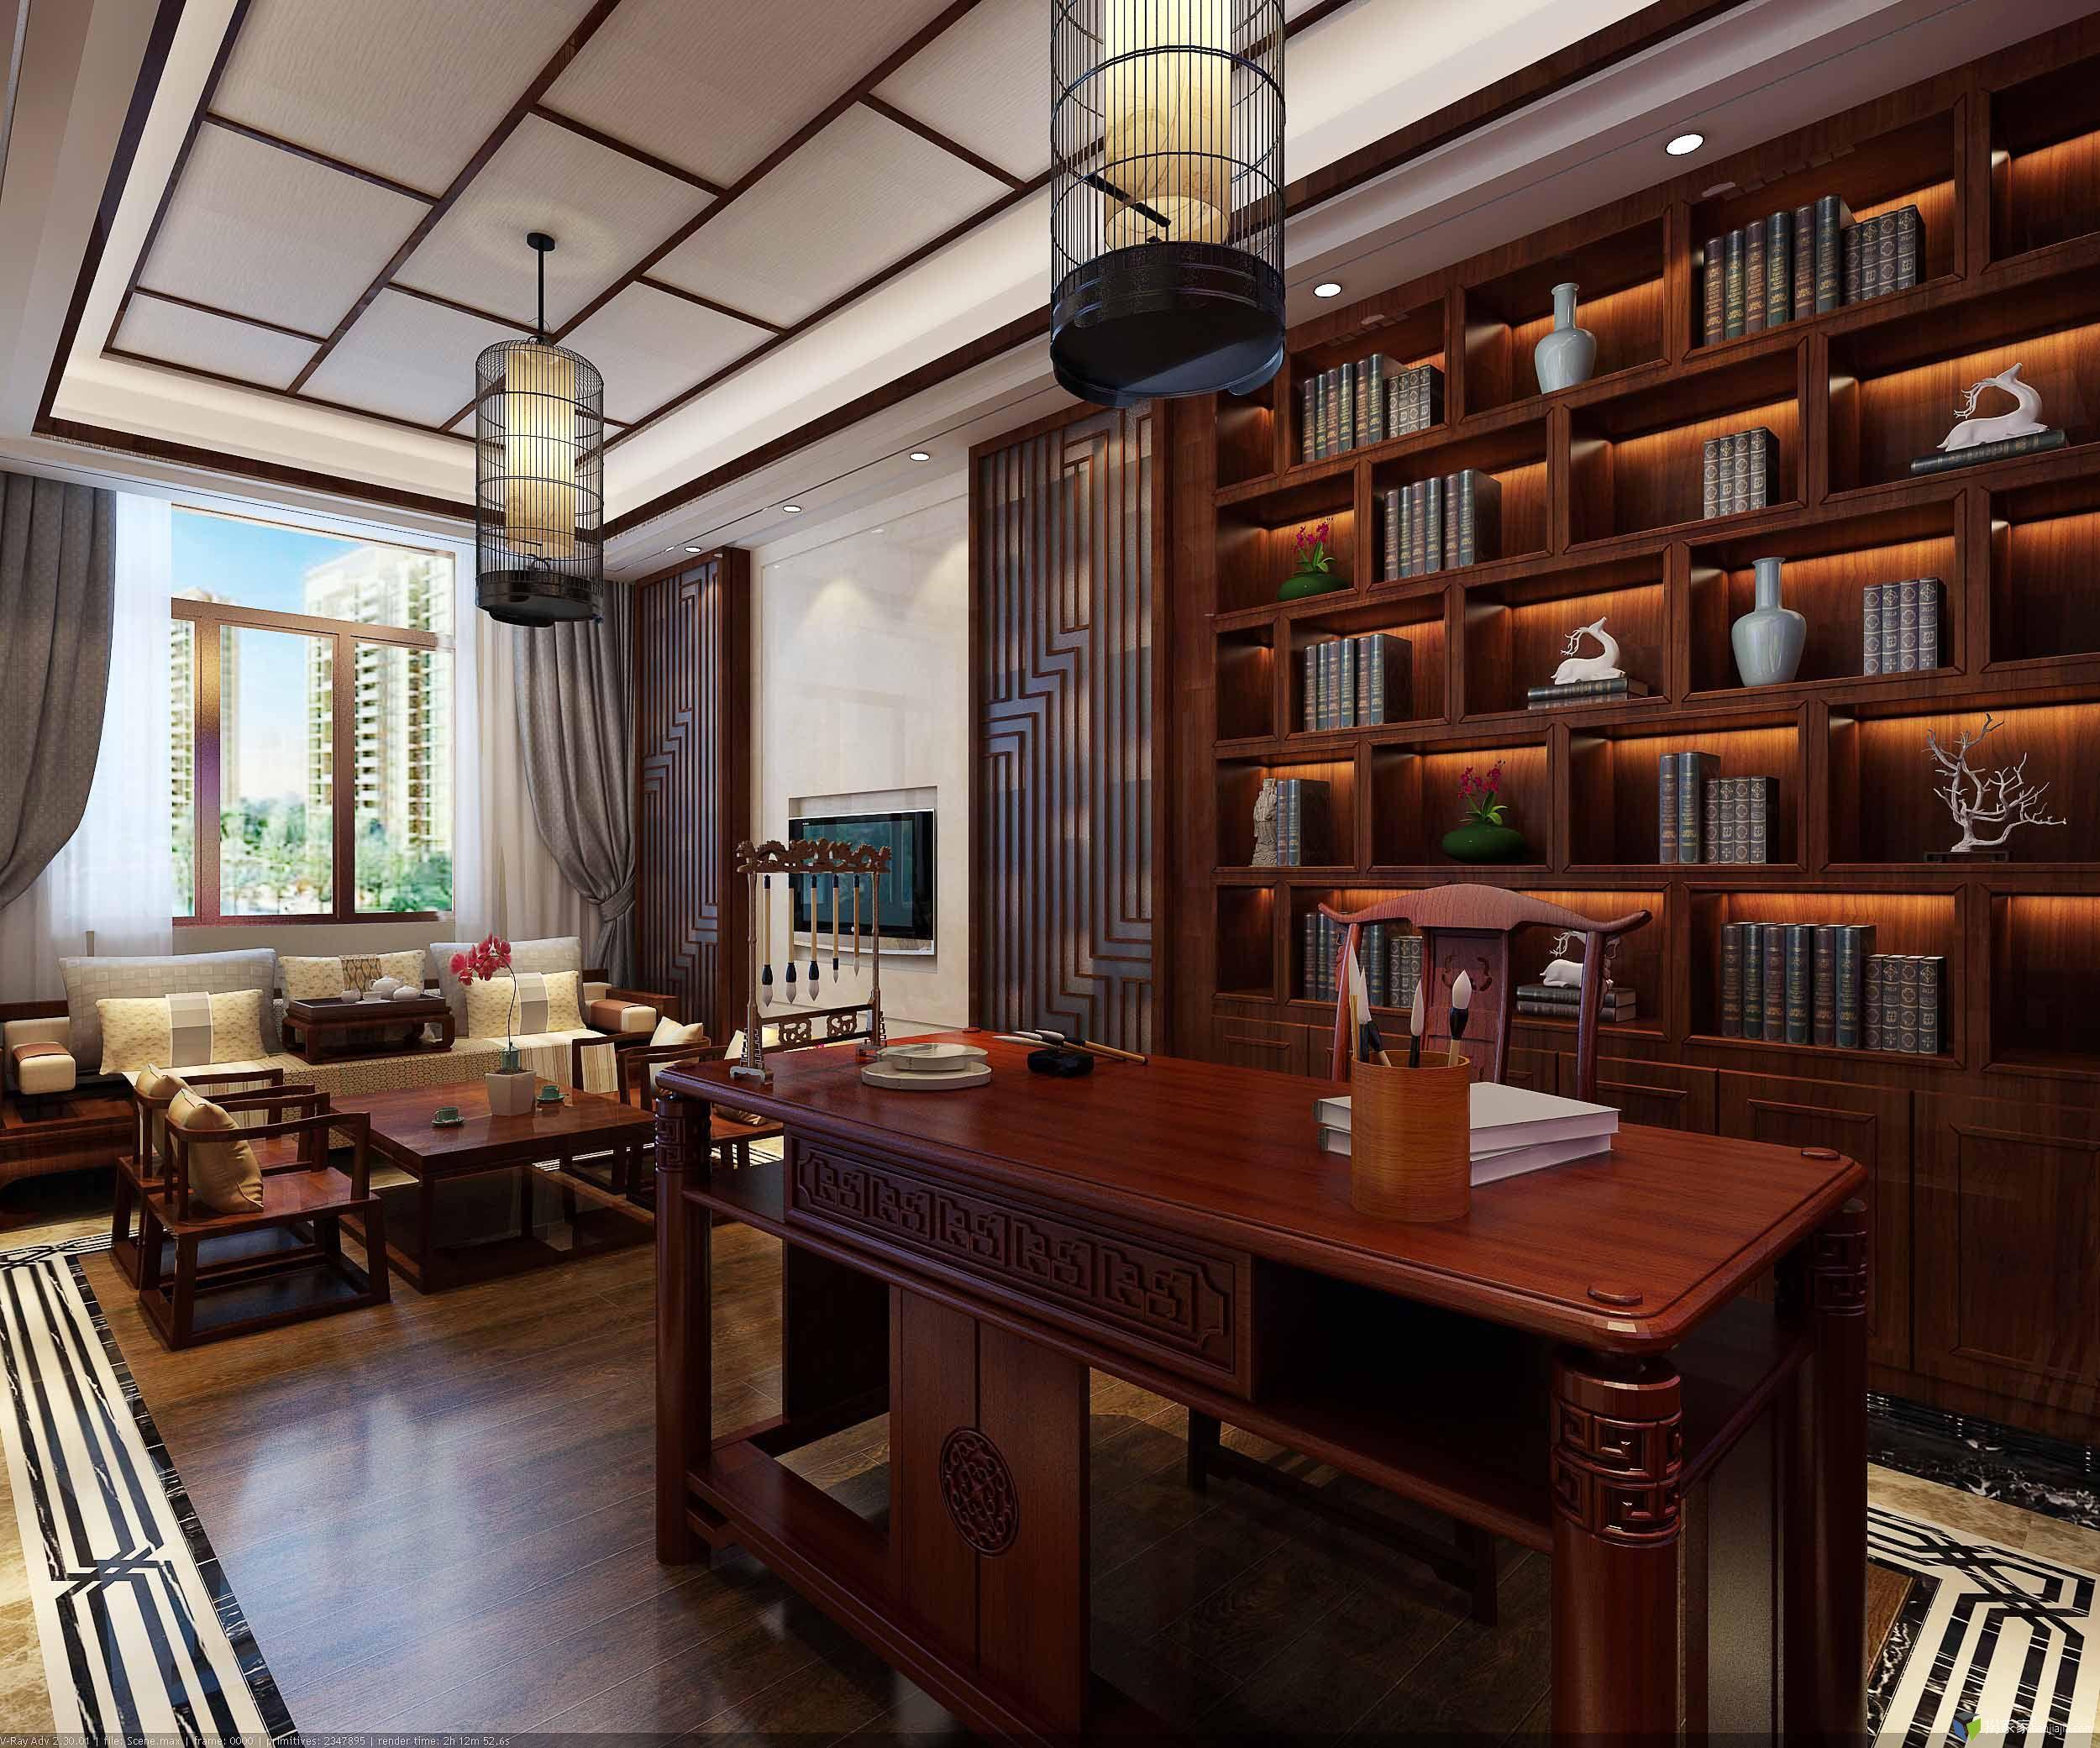 最近做的中式风格.求交流. - 扮家家室内设计网